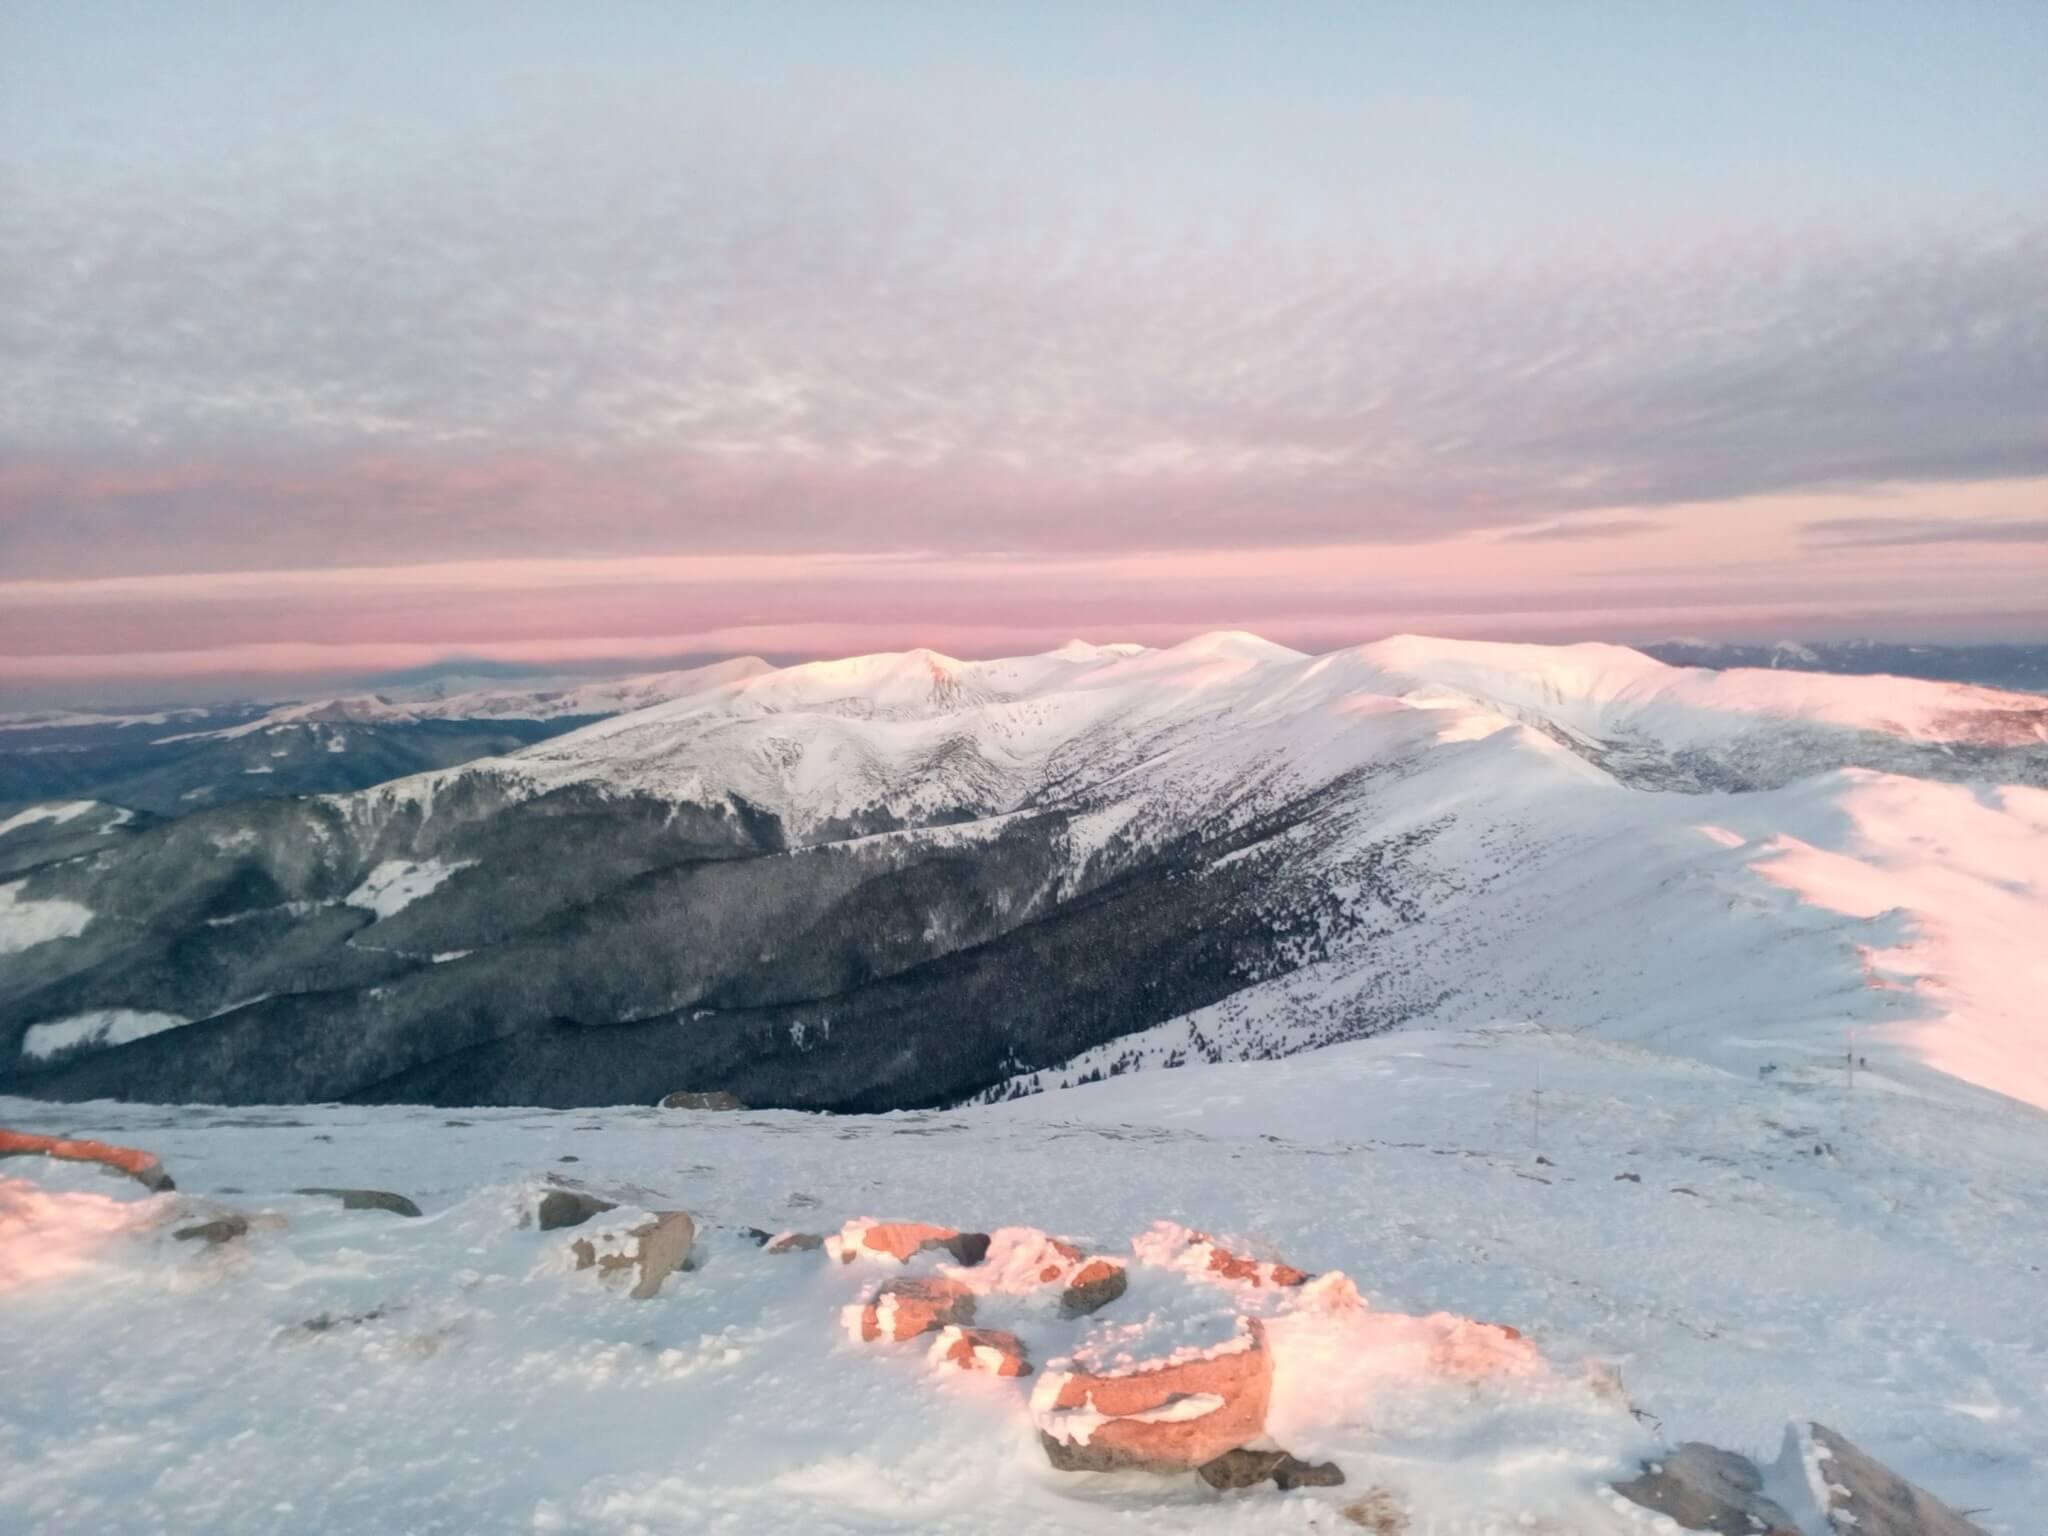 Засніжені вершини: фантастичні світлини прикарпатських гір оприлюднили у мережі (ФОТО)